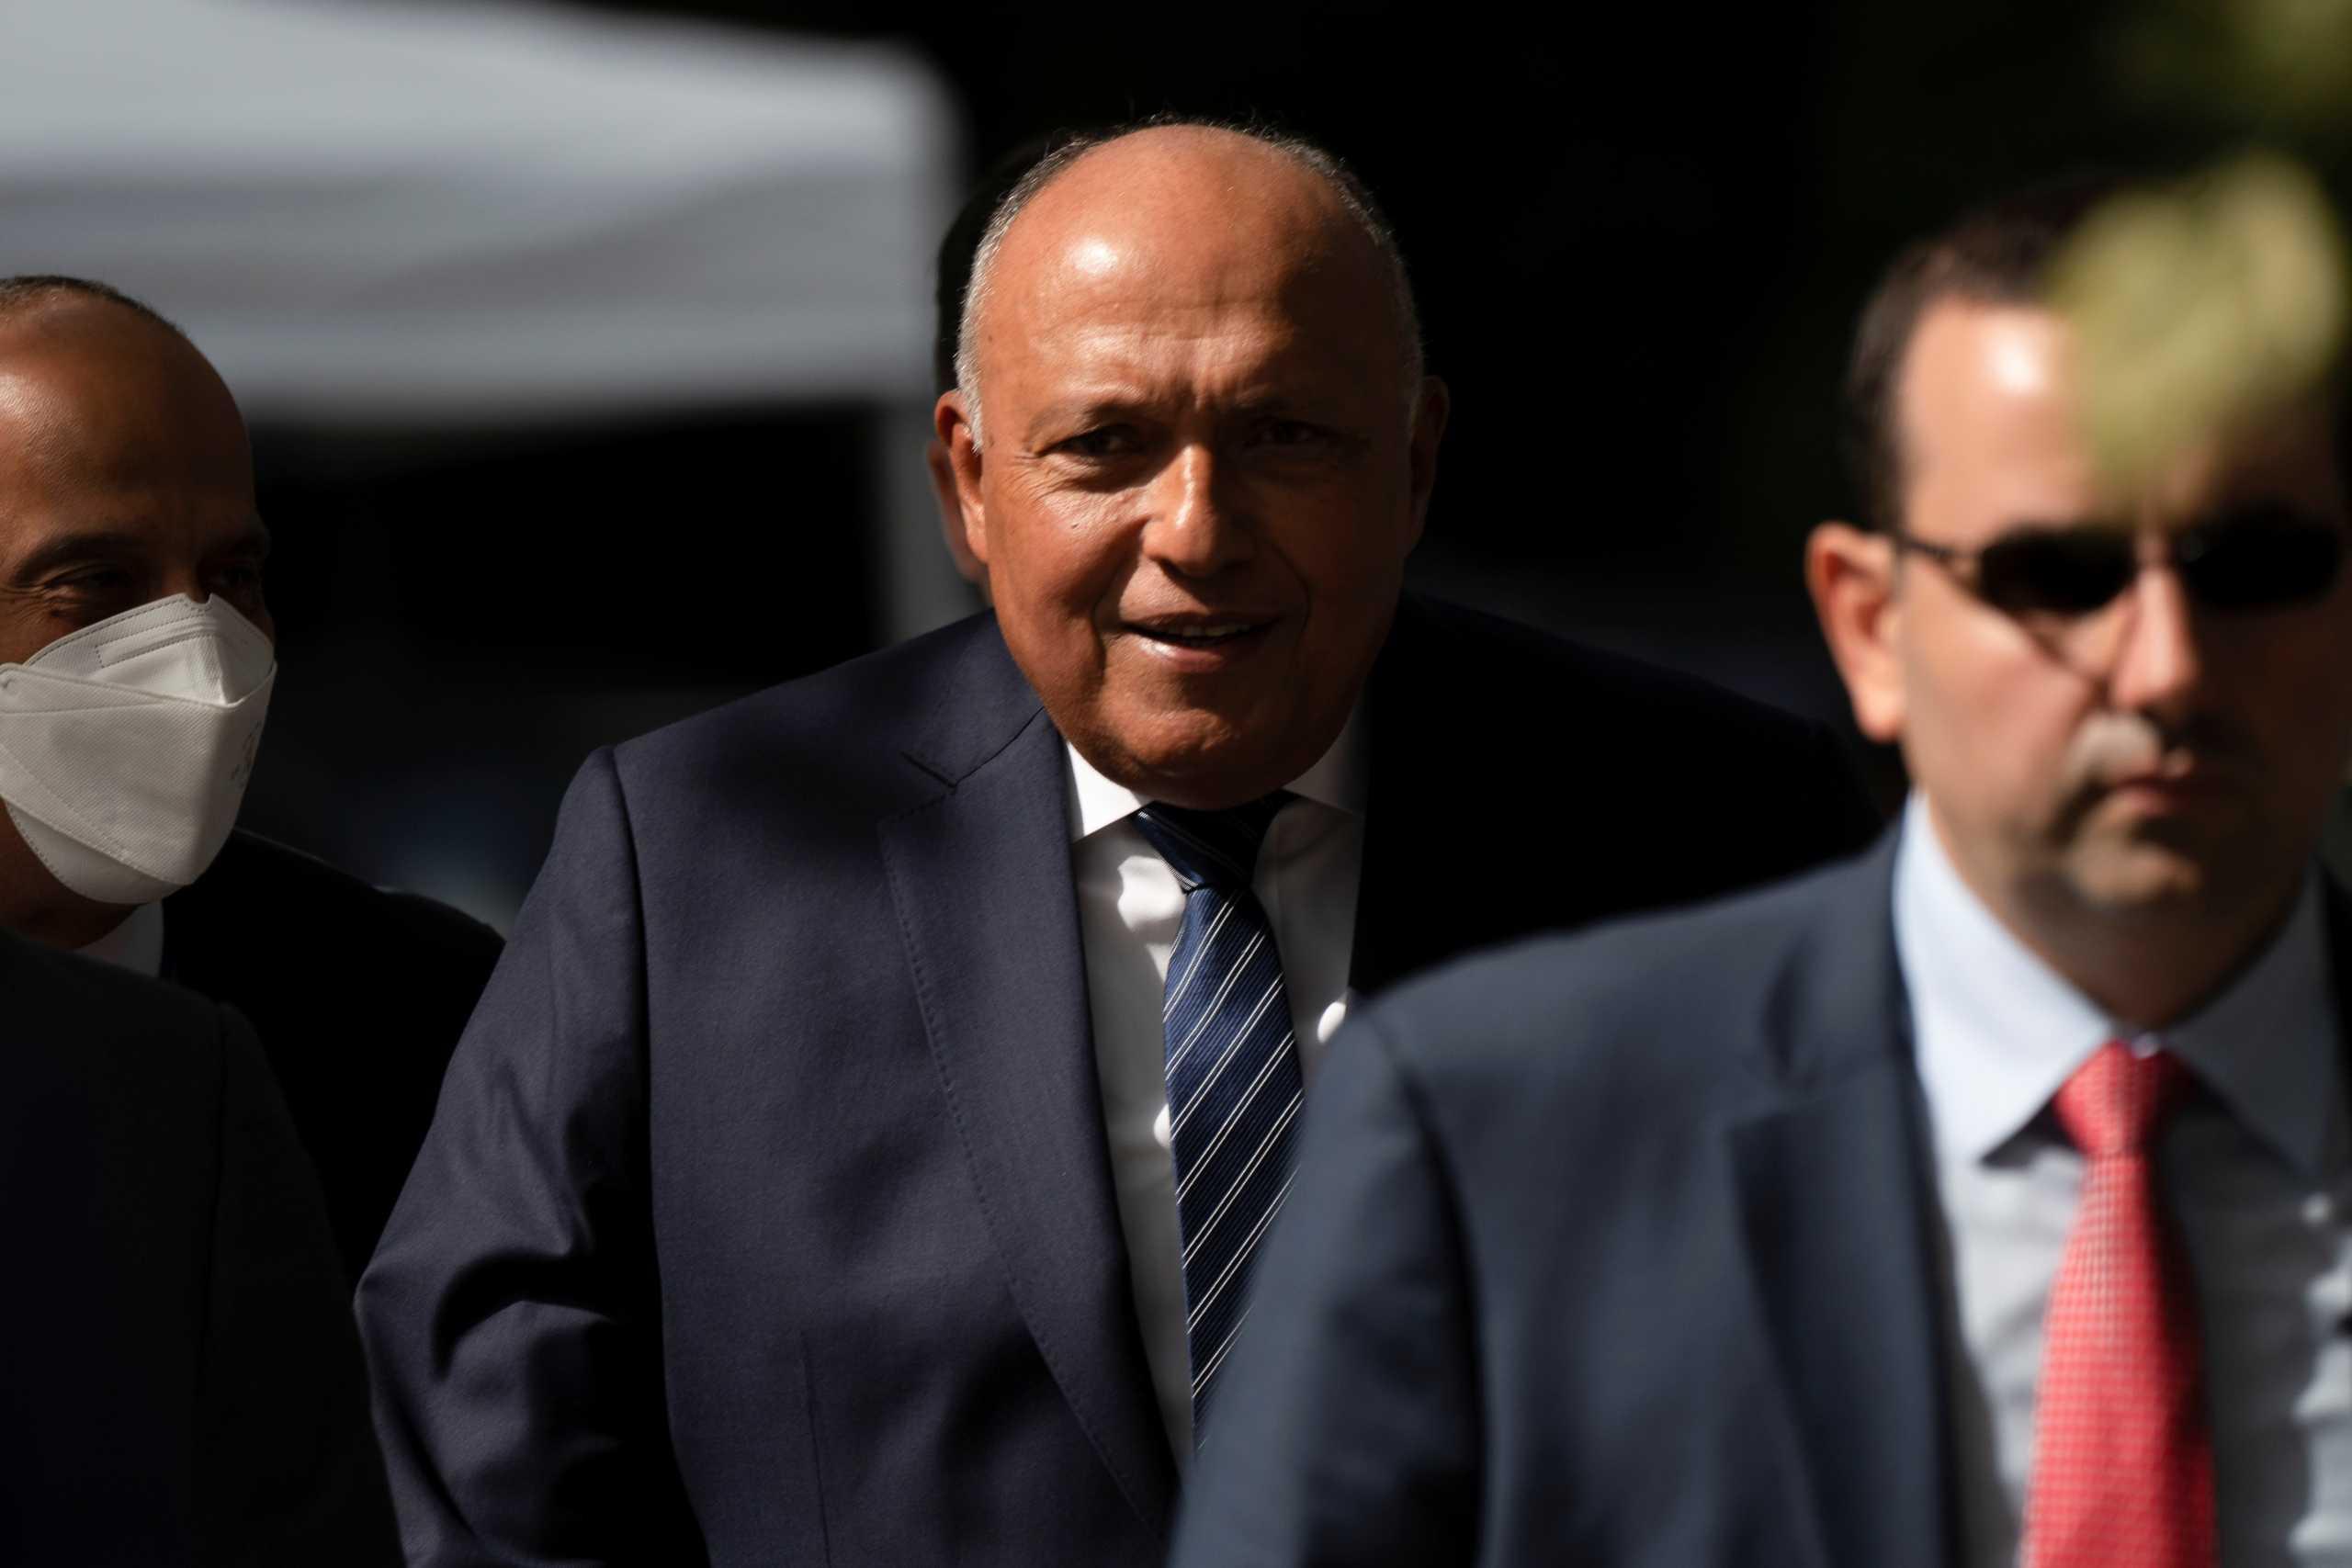 Σούκρι εναντίον Άγκυρας: Οι μισθοφόροι να φύγουν άμεσα και άνευ όρων από τη Λιβύη!